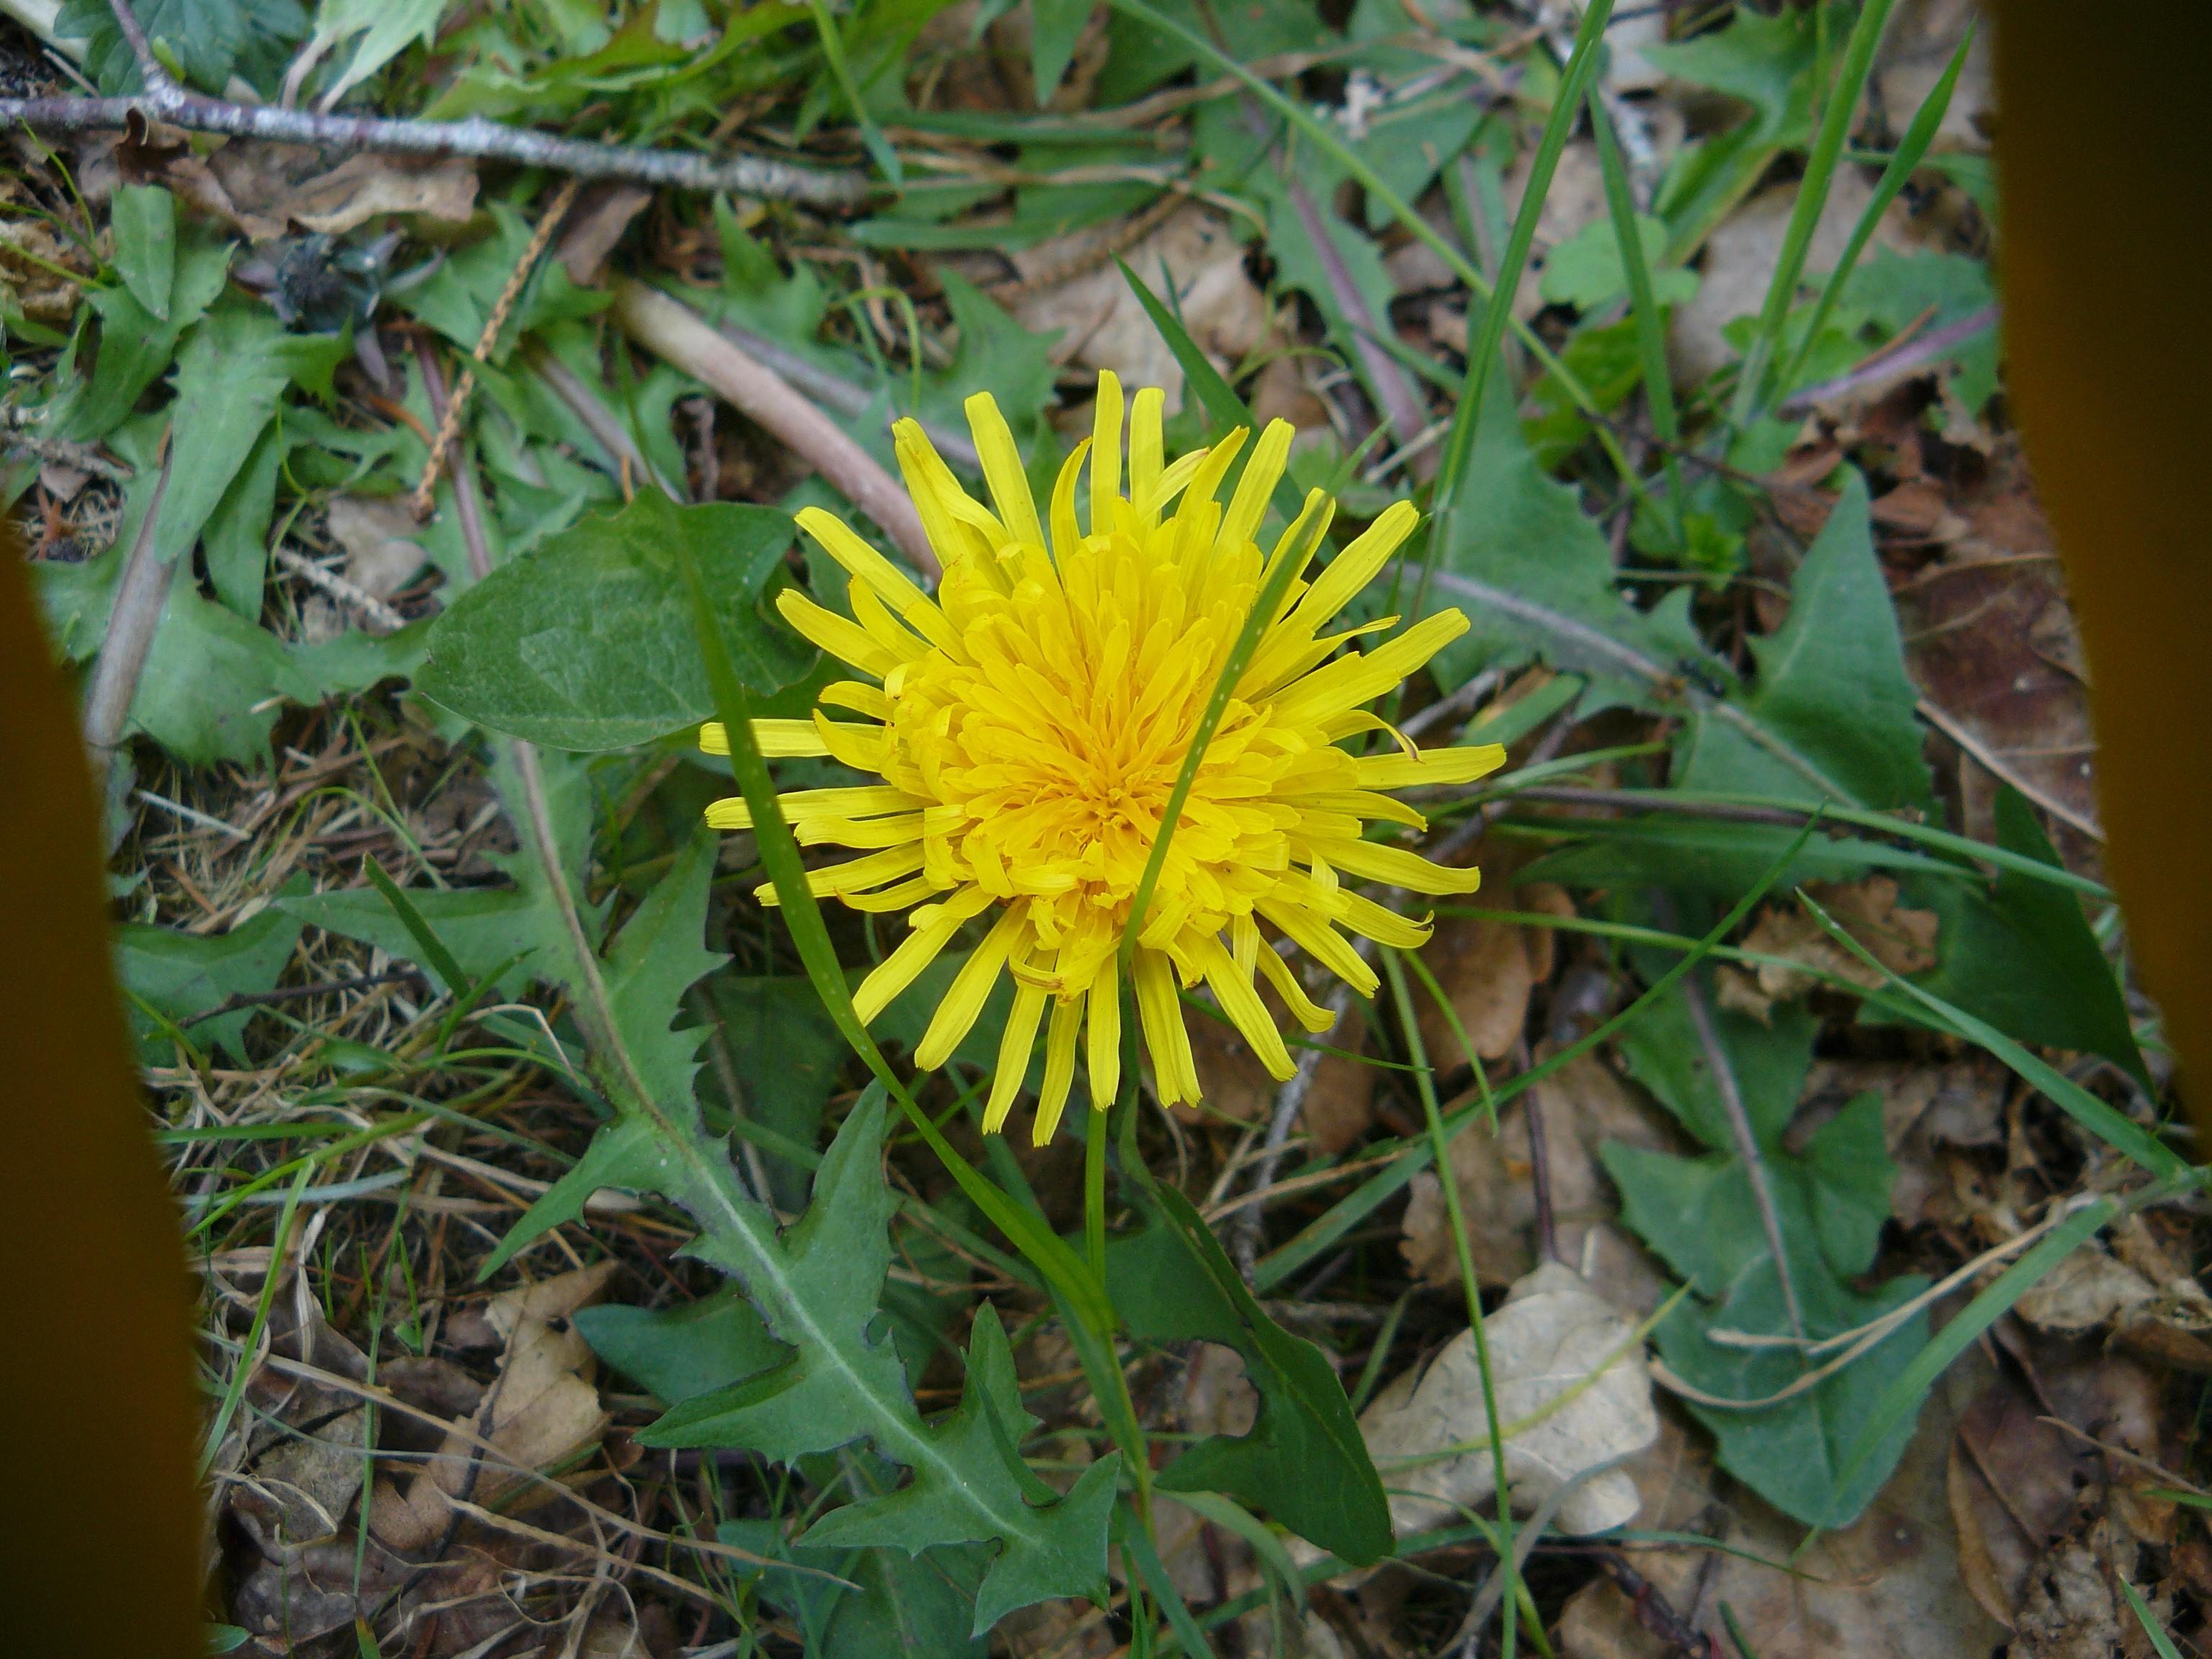 Pianta Fiori Gialli.Sfondi Fiori Gialli Giallo Dente Di Leone Erba Fiore Flora